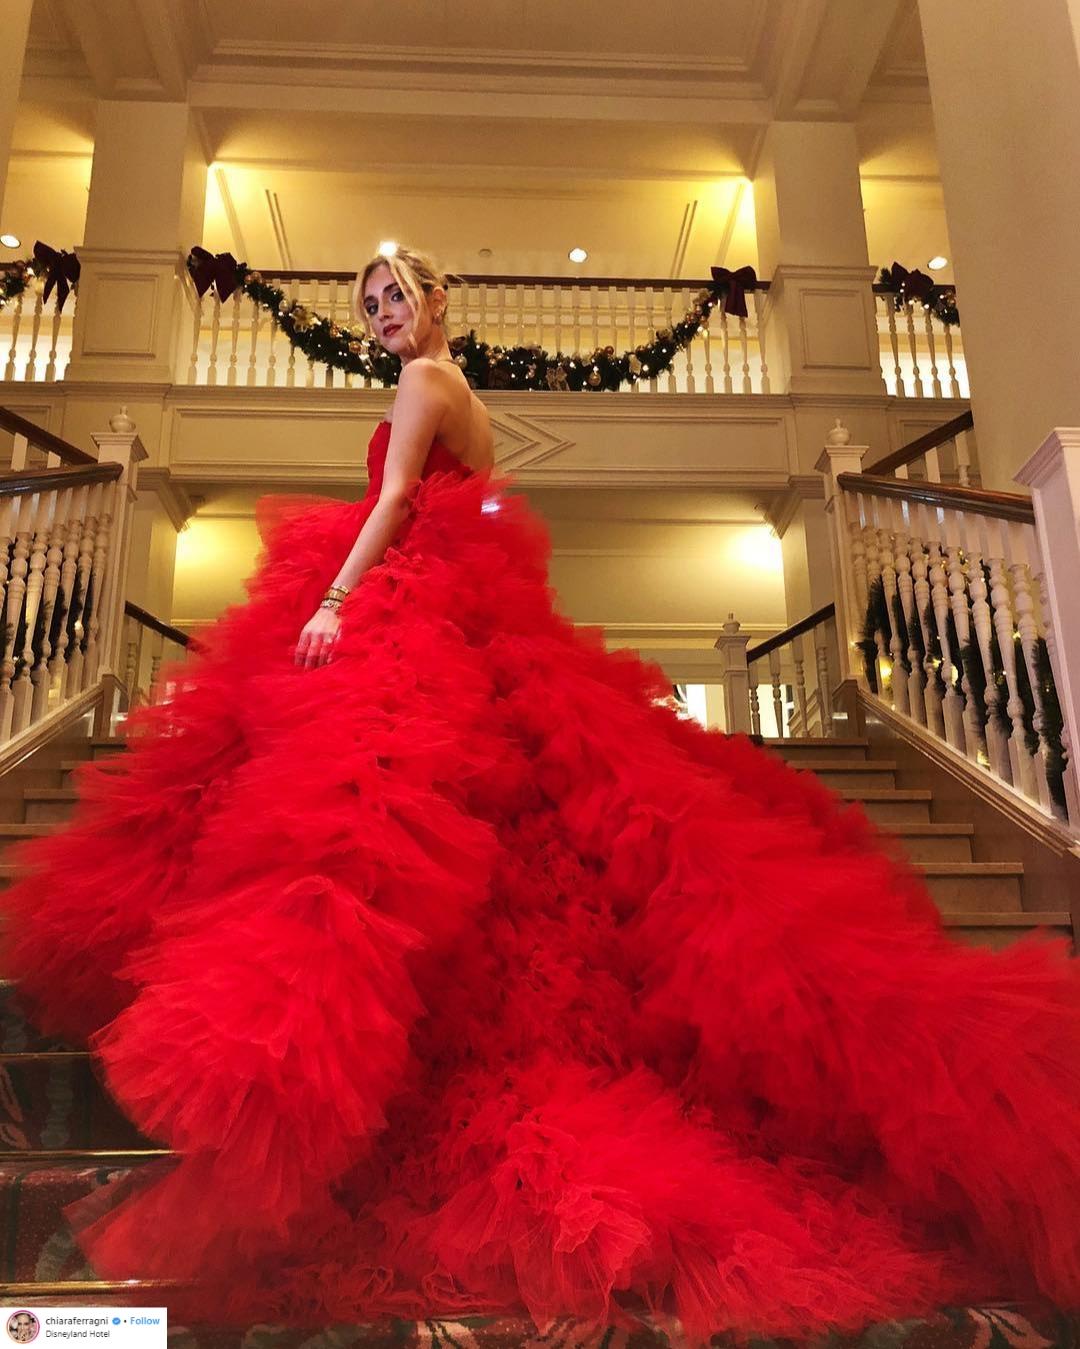 fashion influencer sở hữu phong cách thời trang và khả năng kinh doanh ấn tượng 2